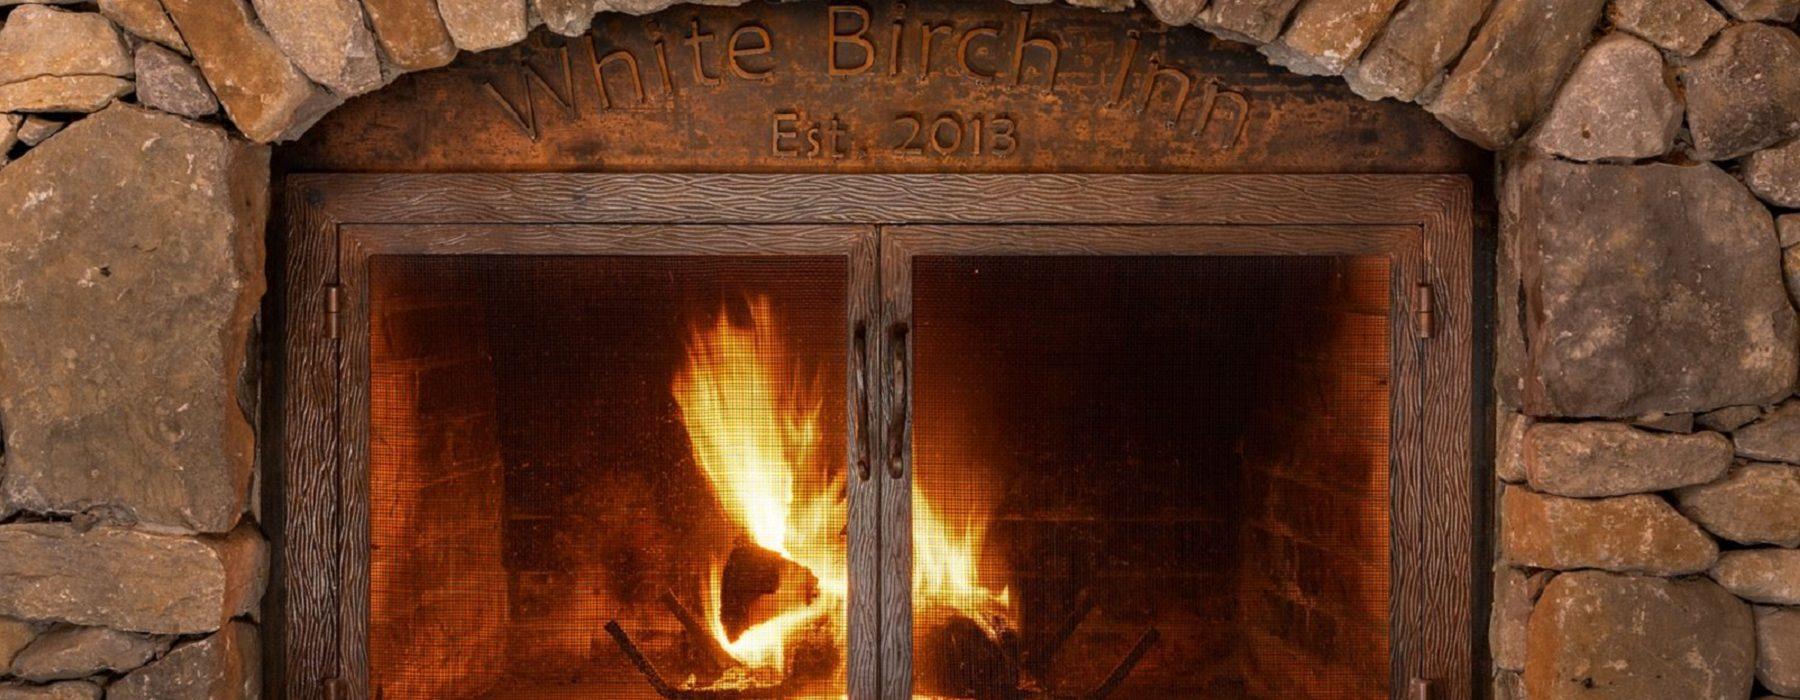 Fireplace close up - hero